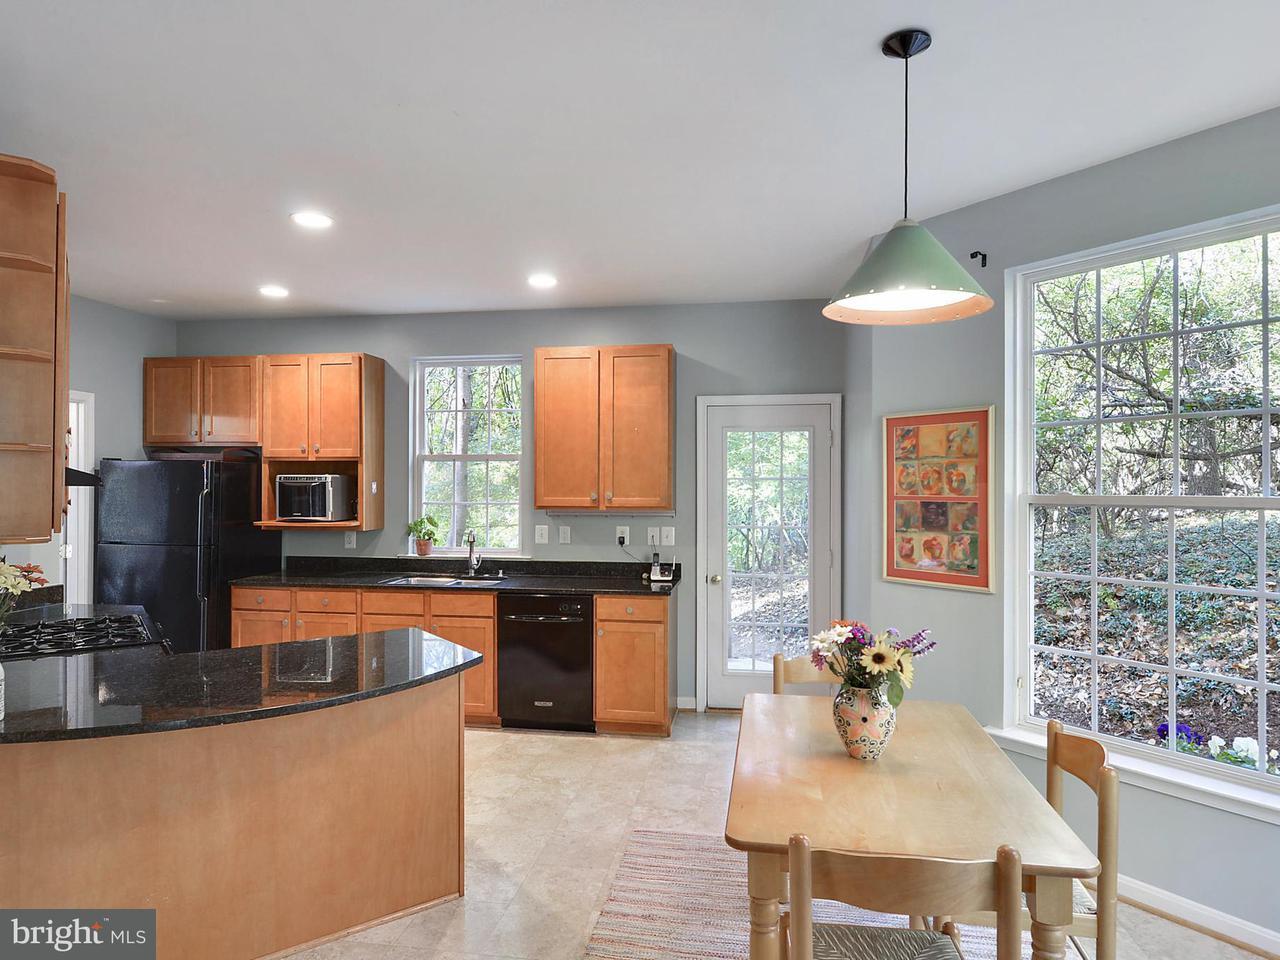 Maison unifamiliale pour l Vente à 700 WABASH Avenue 700 WABASH Avenue Takoma Park, Maryland 20912 États-Unis